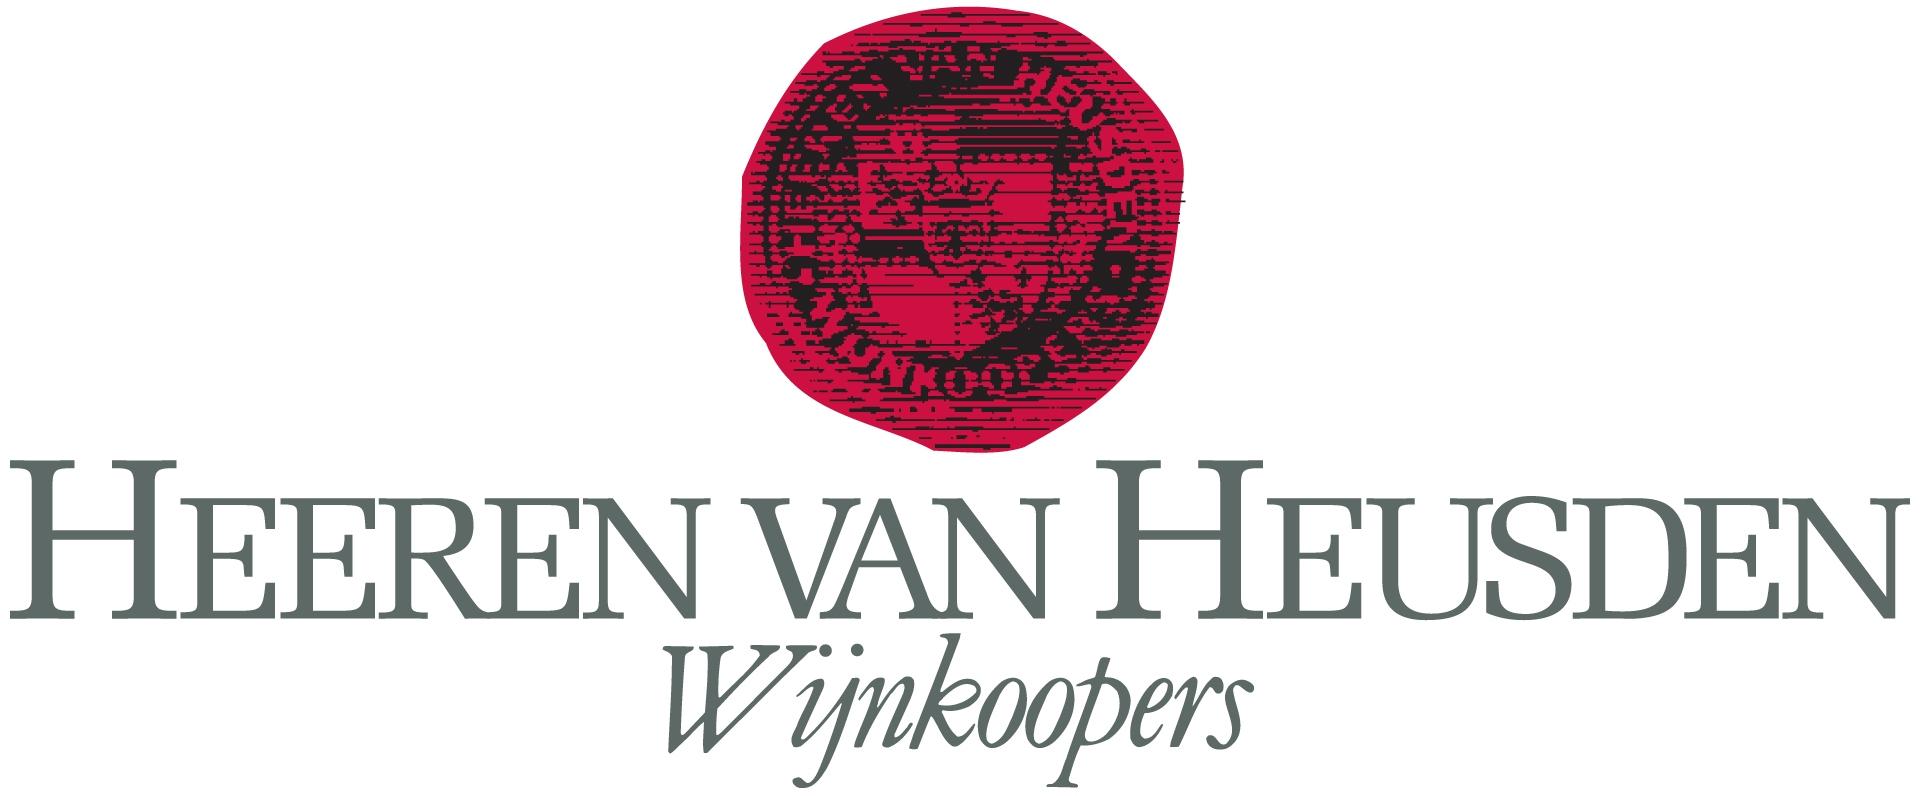 Heeren van Heusden Wijnkoopers